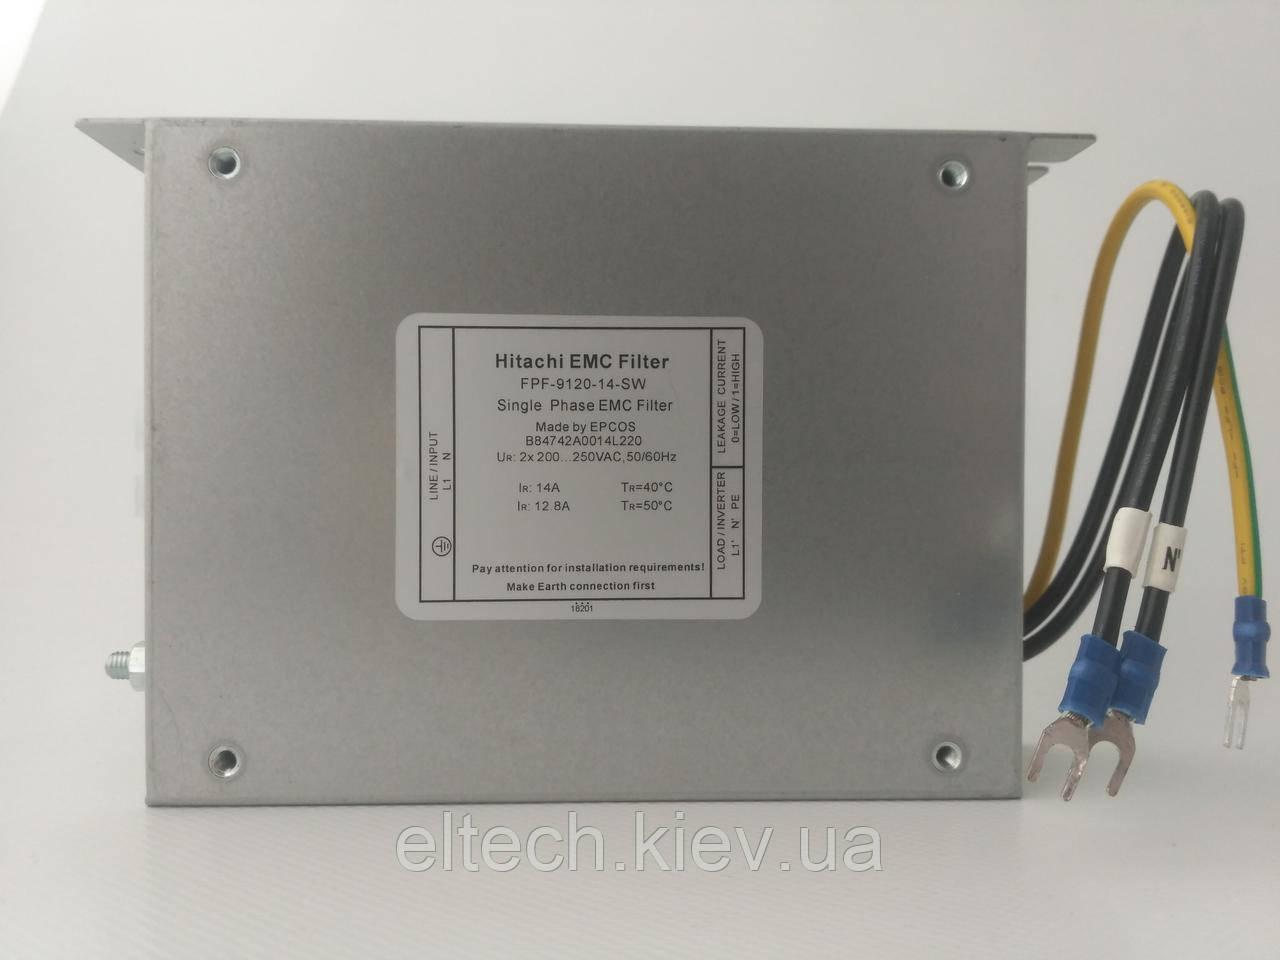 Фильтр сетевой FPF-9120-14 для NE-S1-007SBE